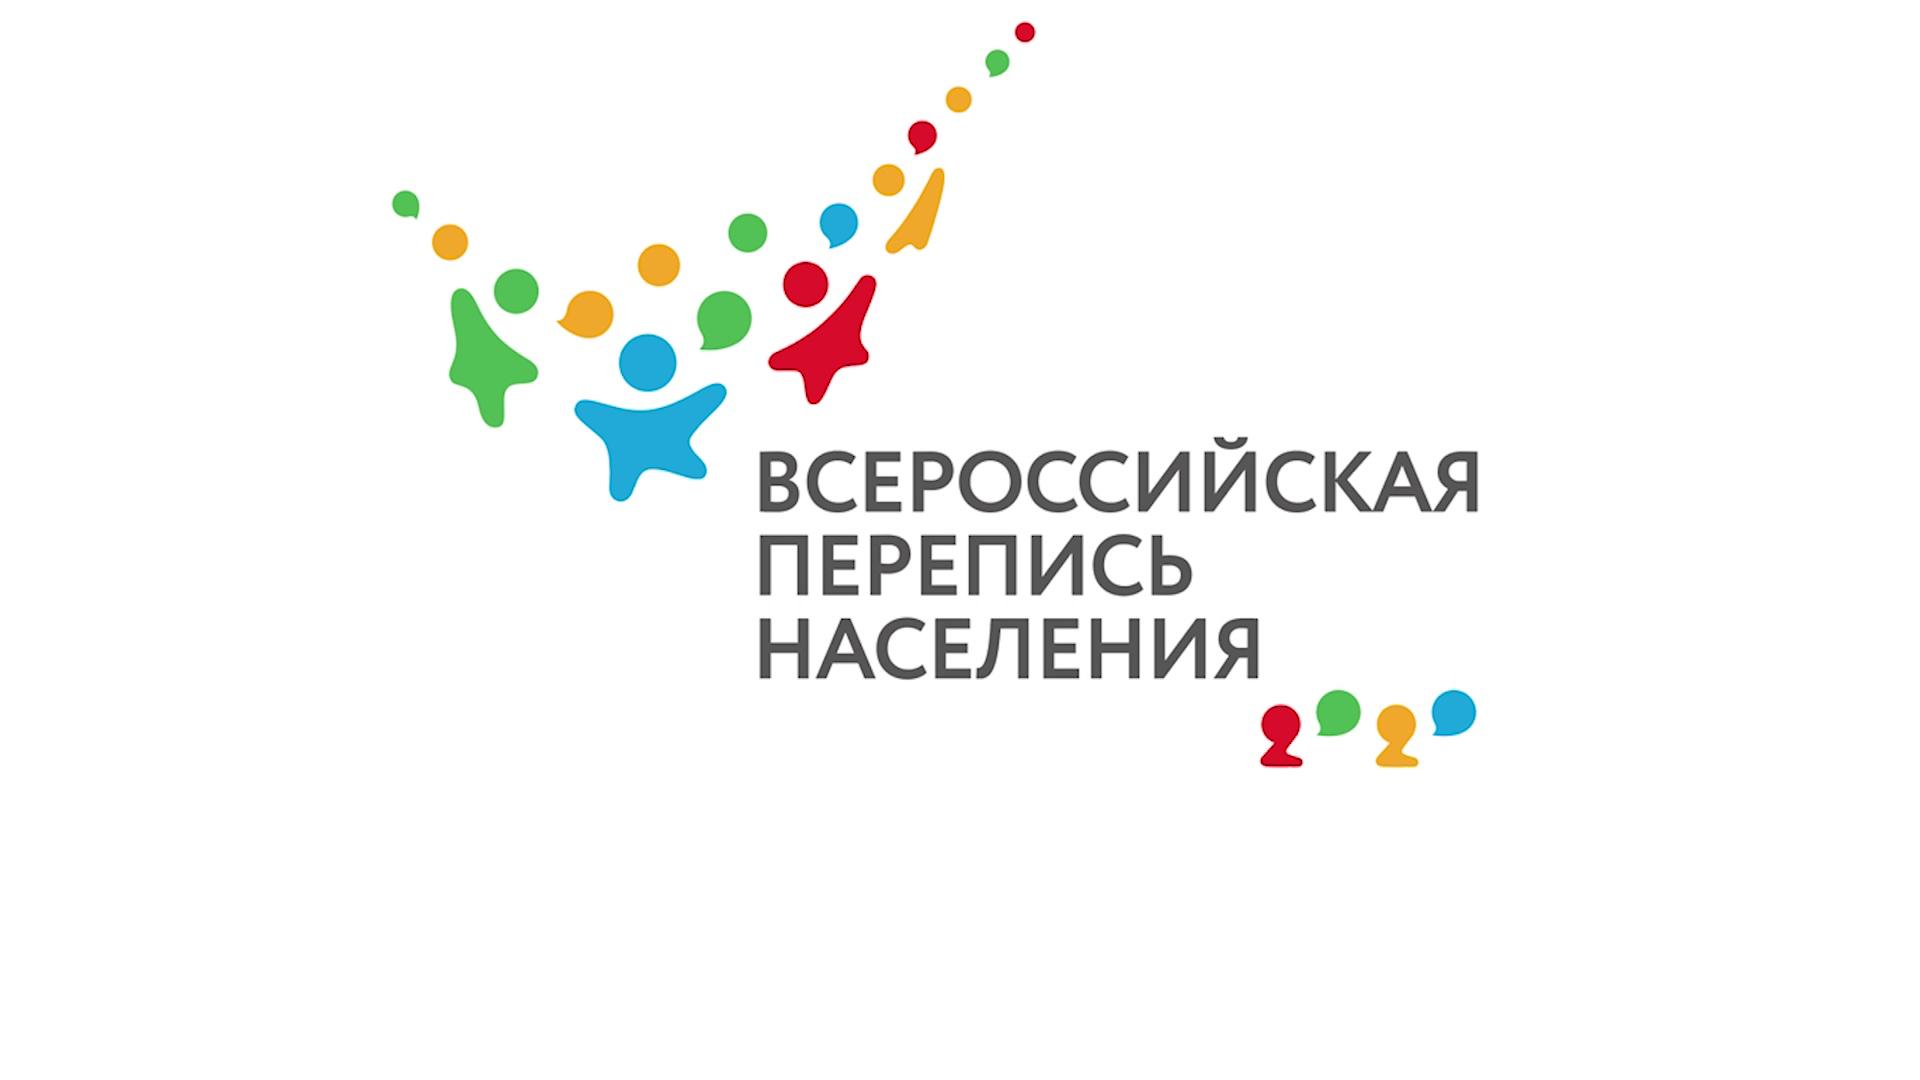 Росстат опубликовал эмблему грядущей переписи населения